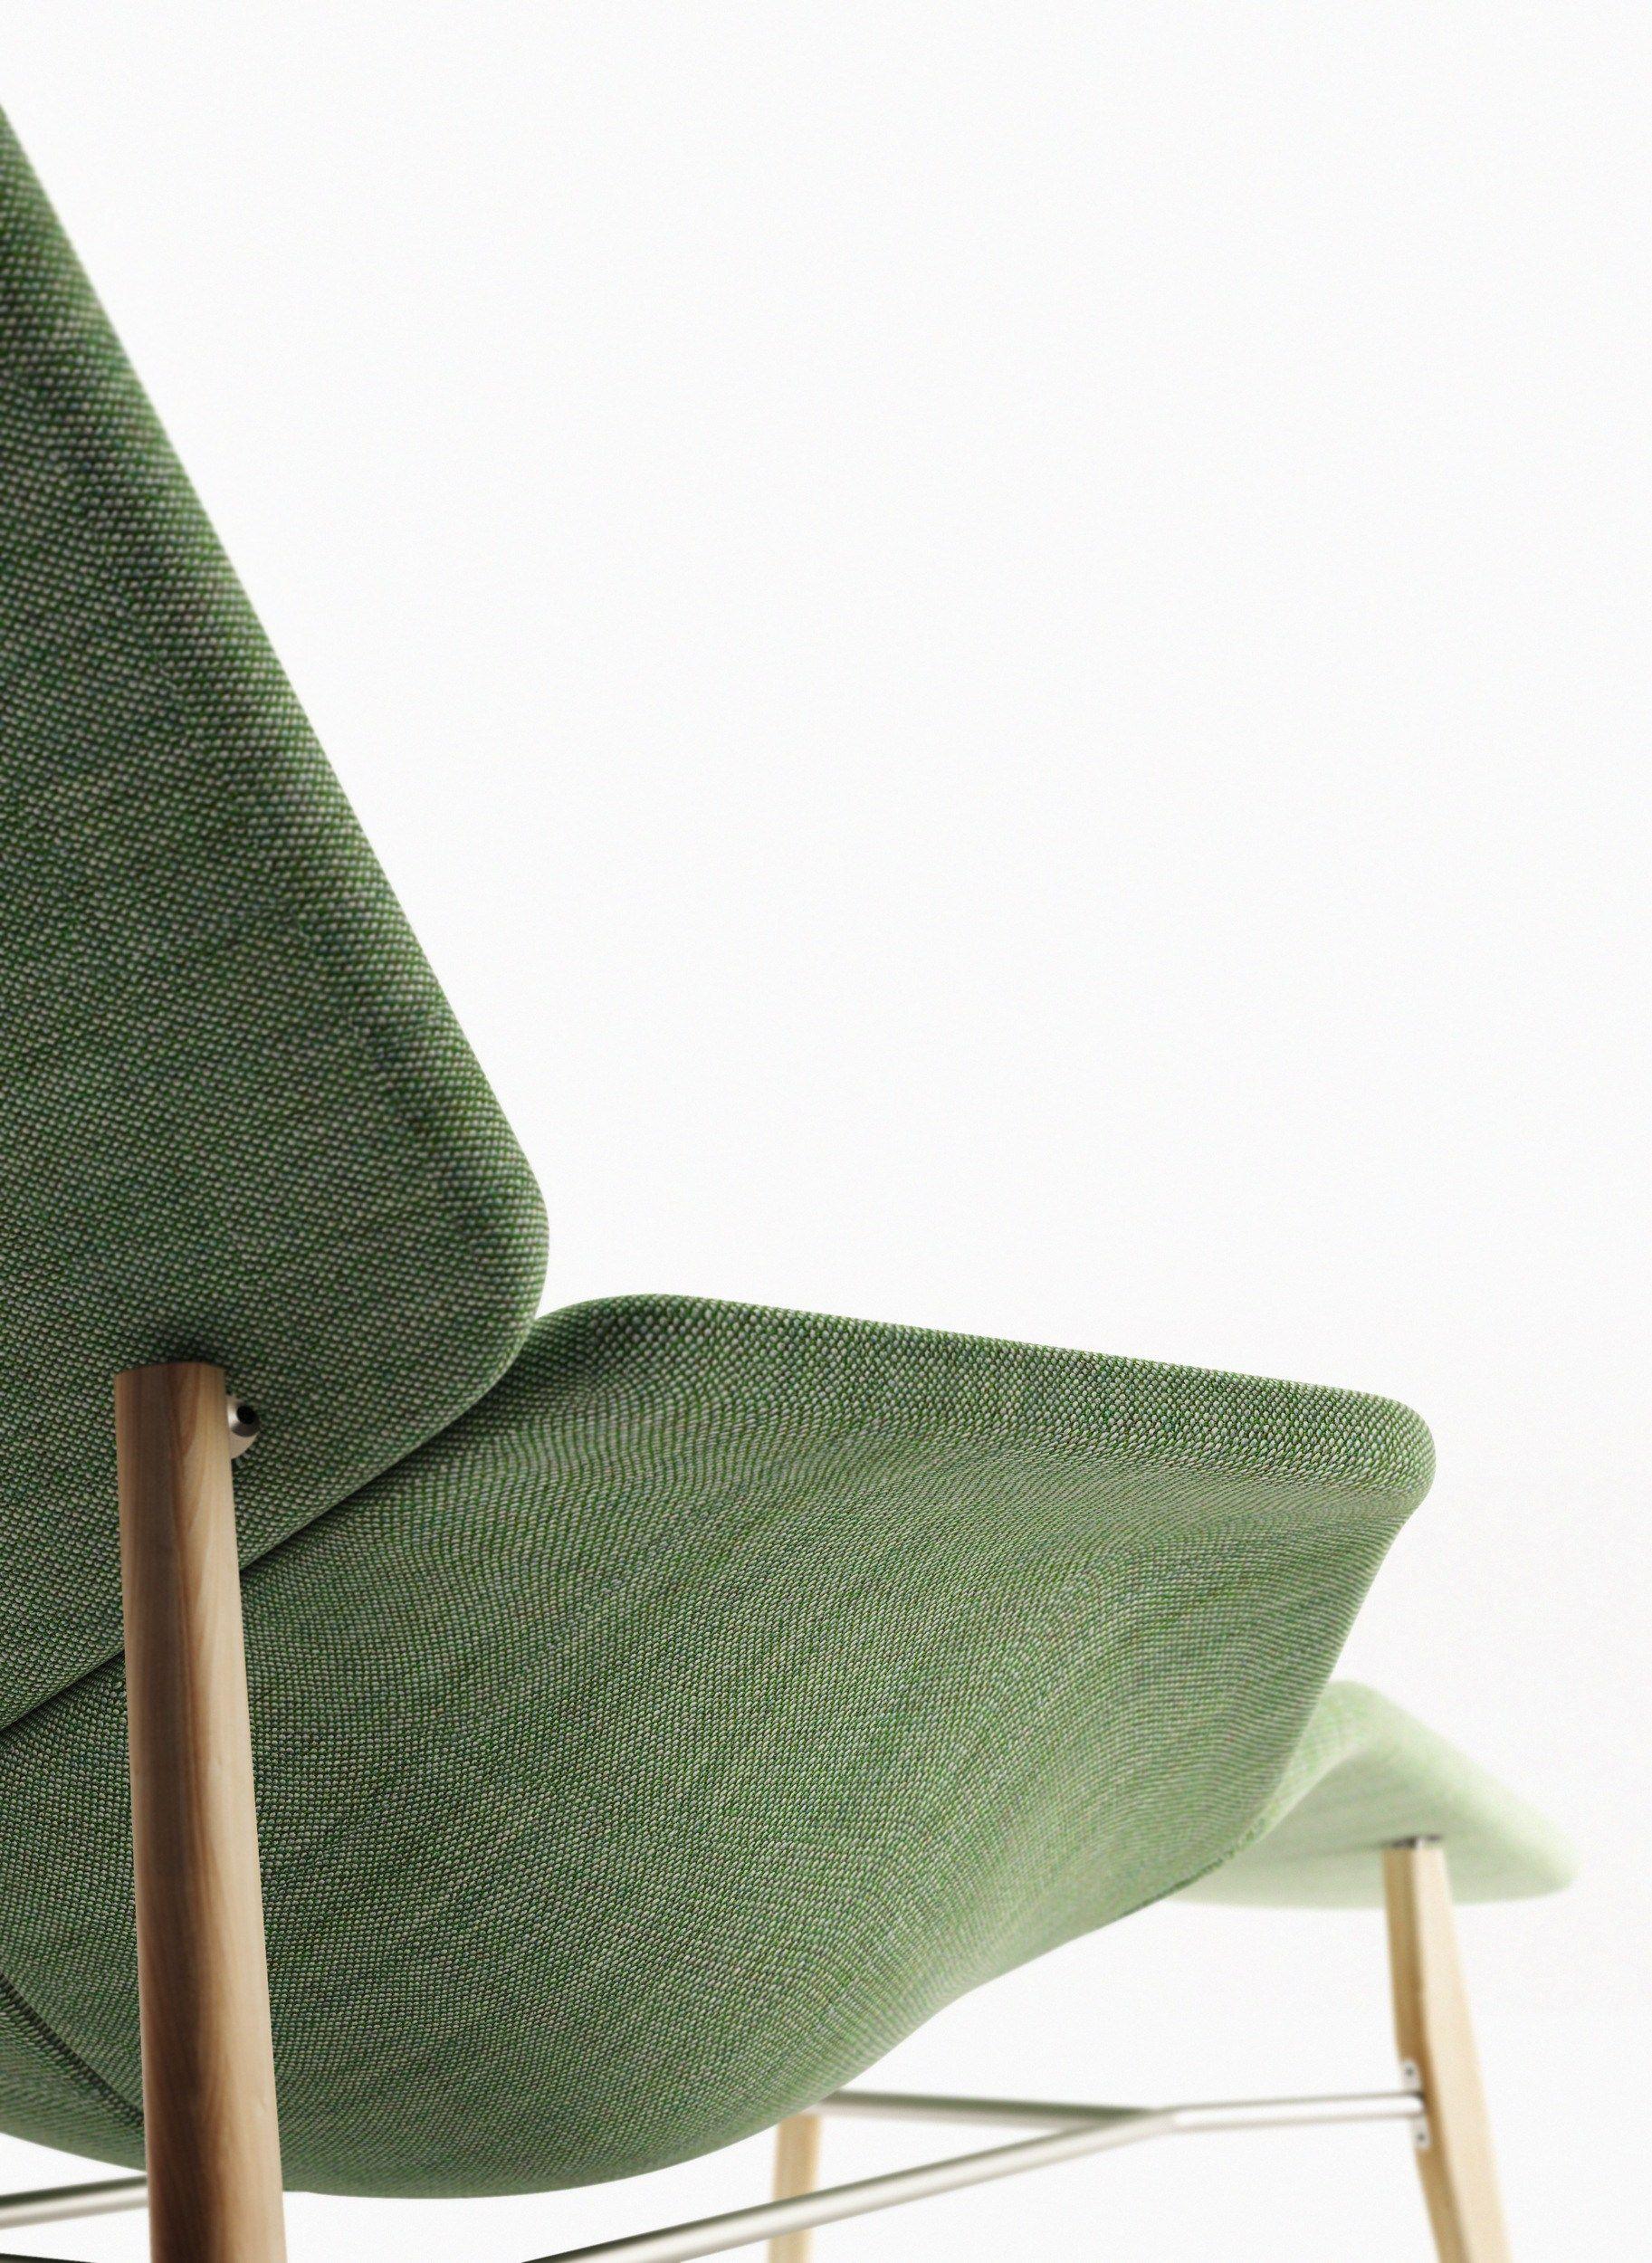 Chaise longue en tissu atoll by tacchini italia forniture for Chaise longue en tissu